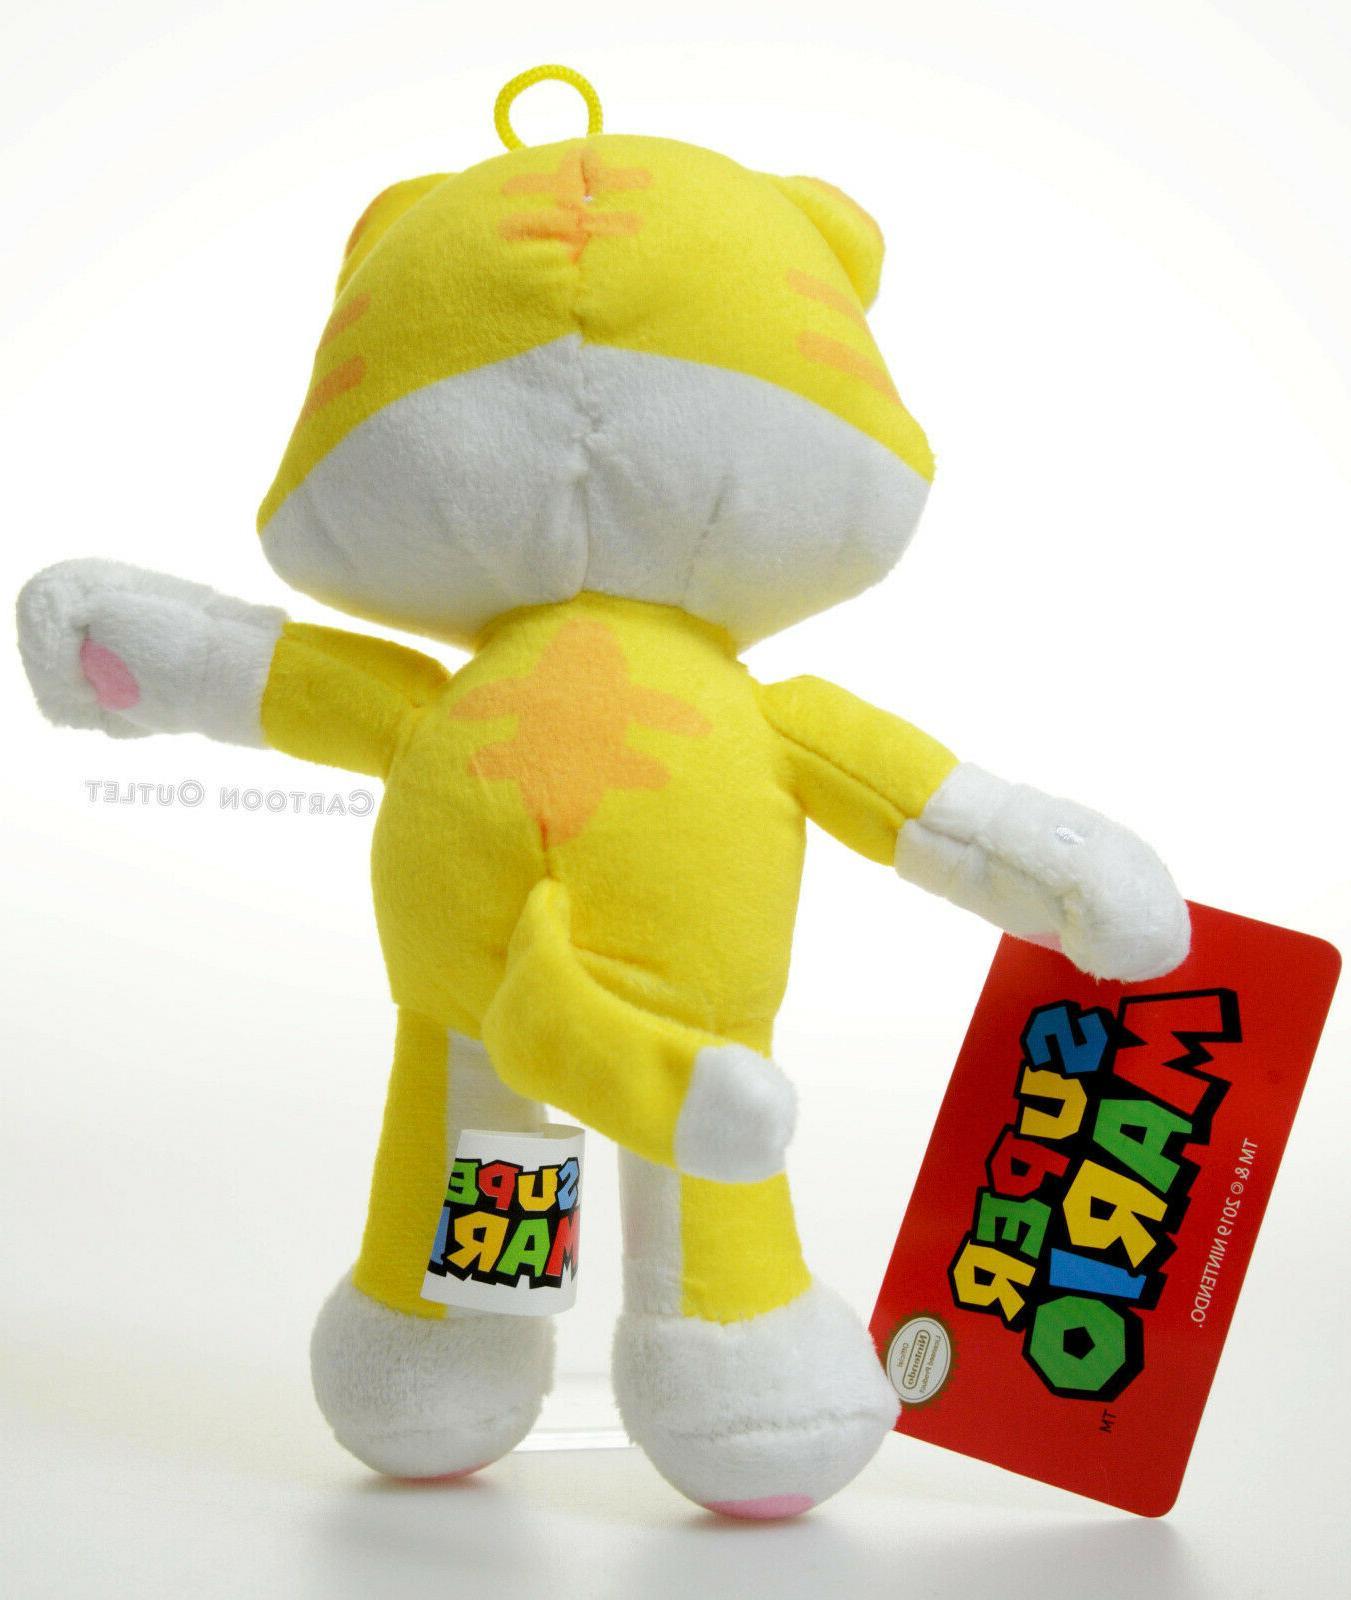 Super Mario Tanooki Plush Toy Yellow Gift